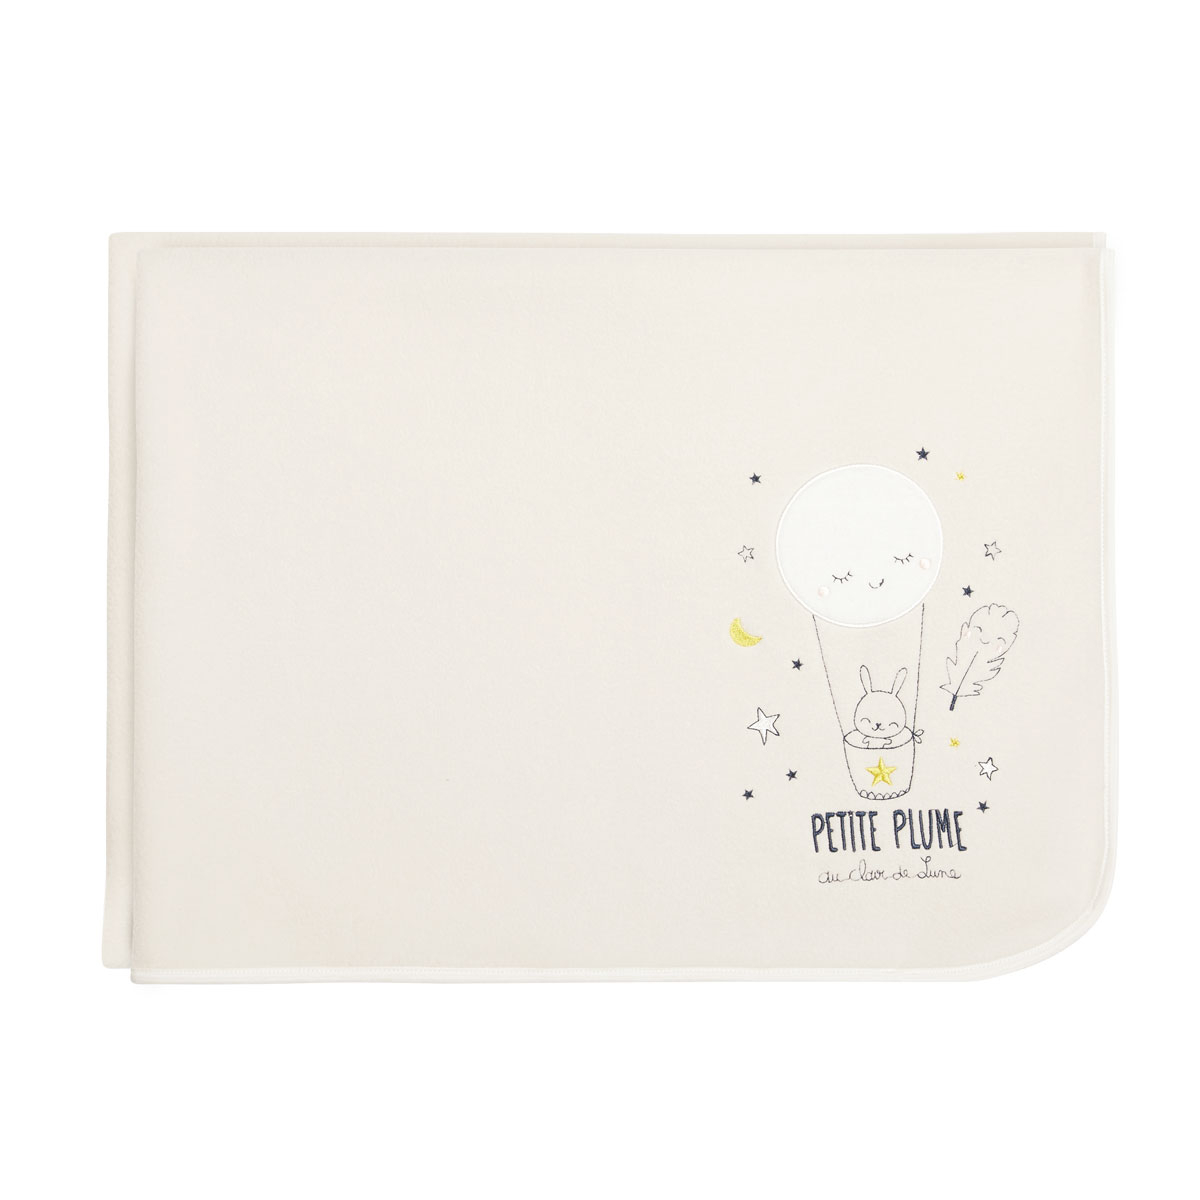 Couverture polaire bébé mixte Petite Plume 75 x 100 cm